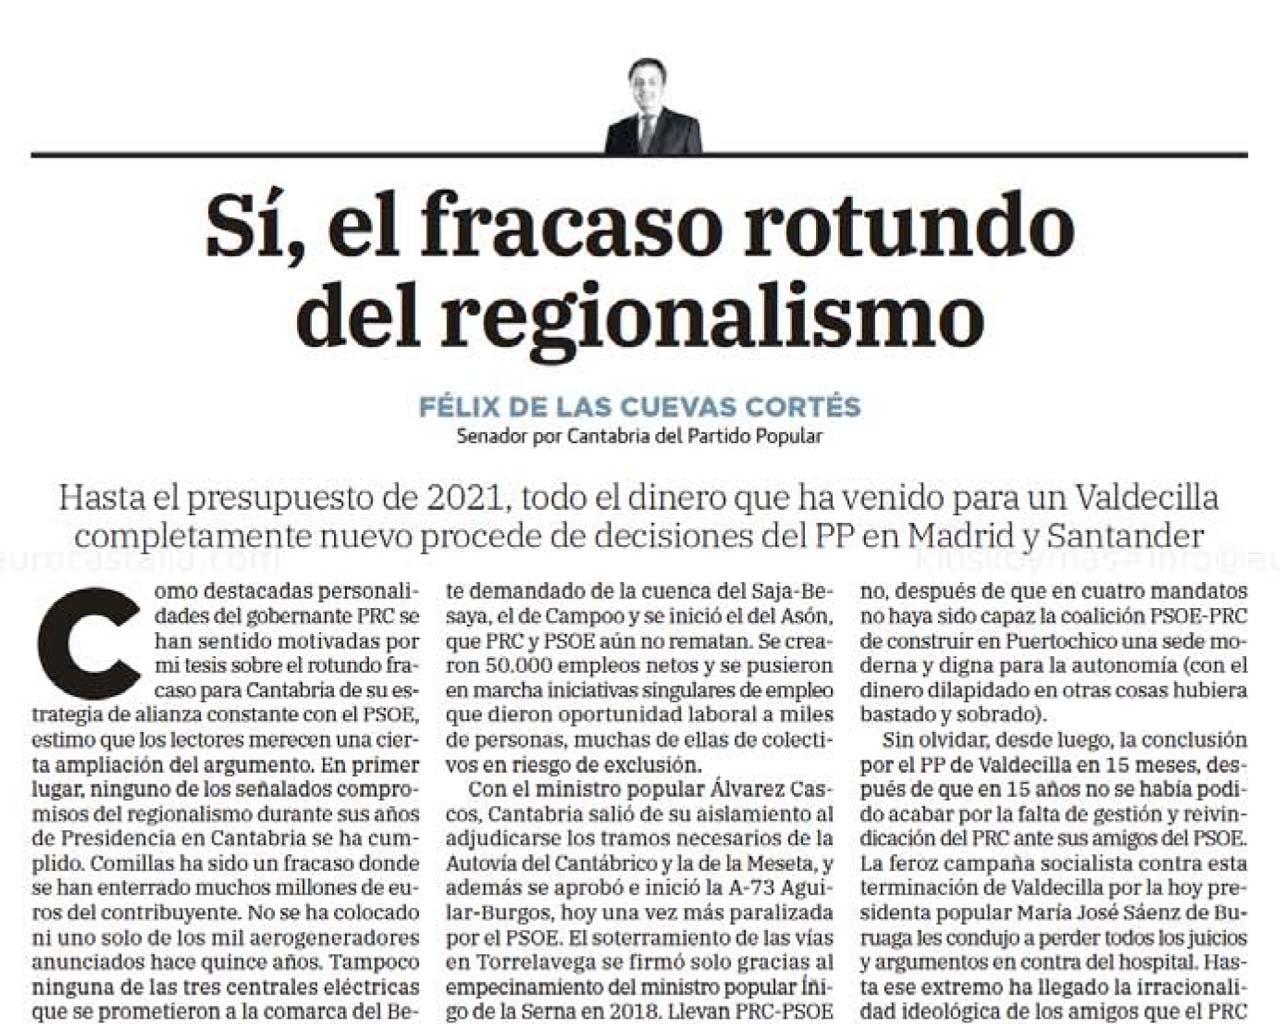 Sí, el fracaso rotundo del regionalismo